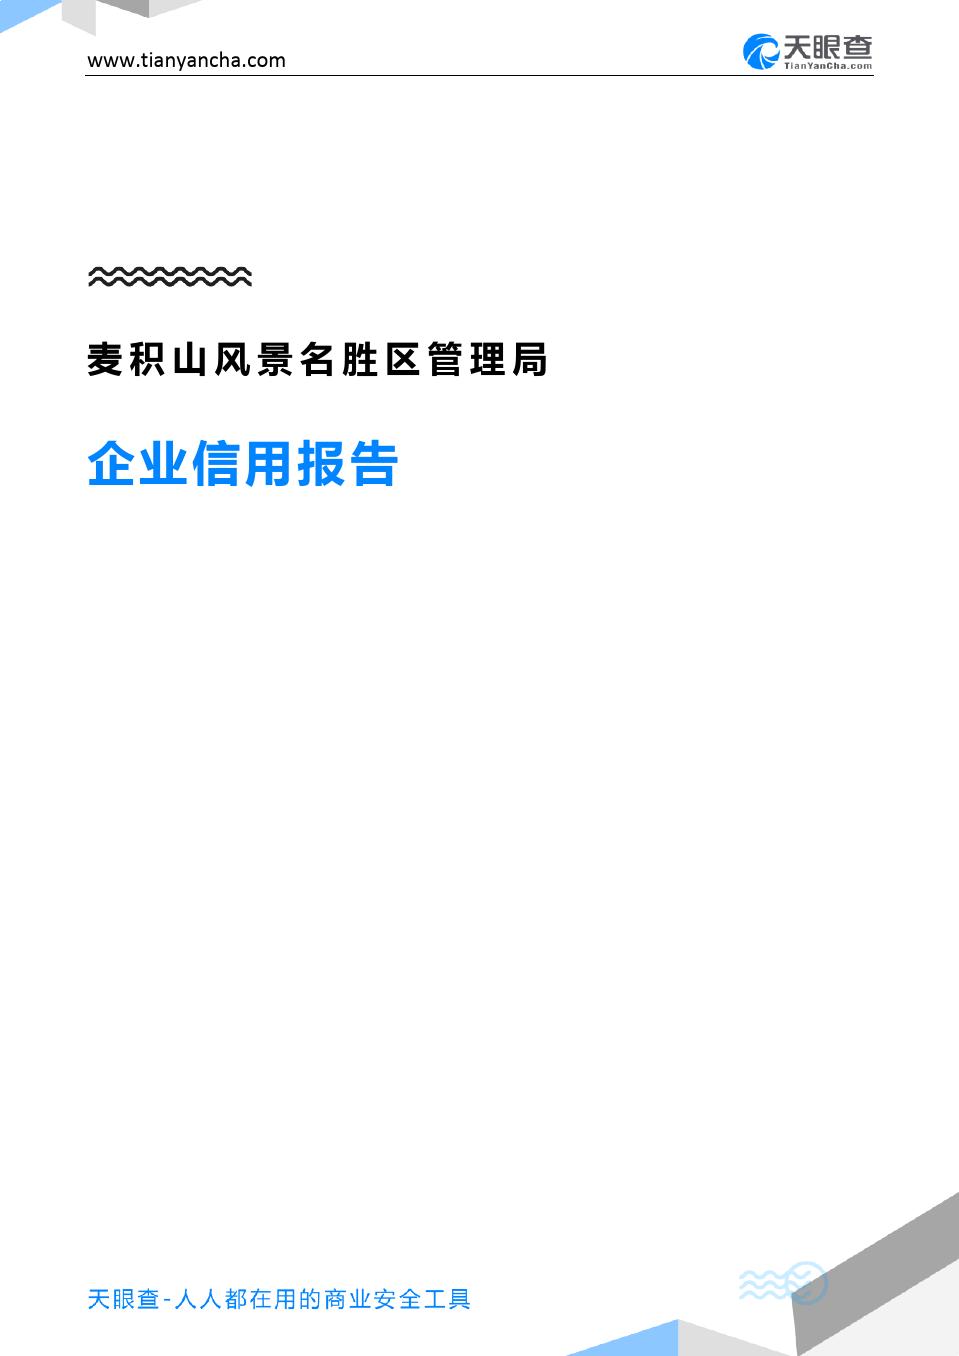 ���e山�L景名��^管理局(企�I信用�蟾�)- 天眼查